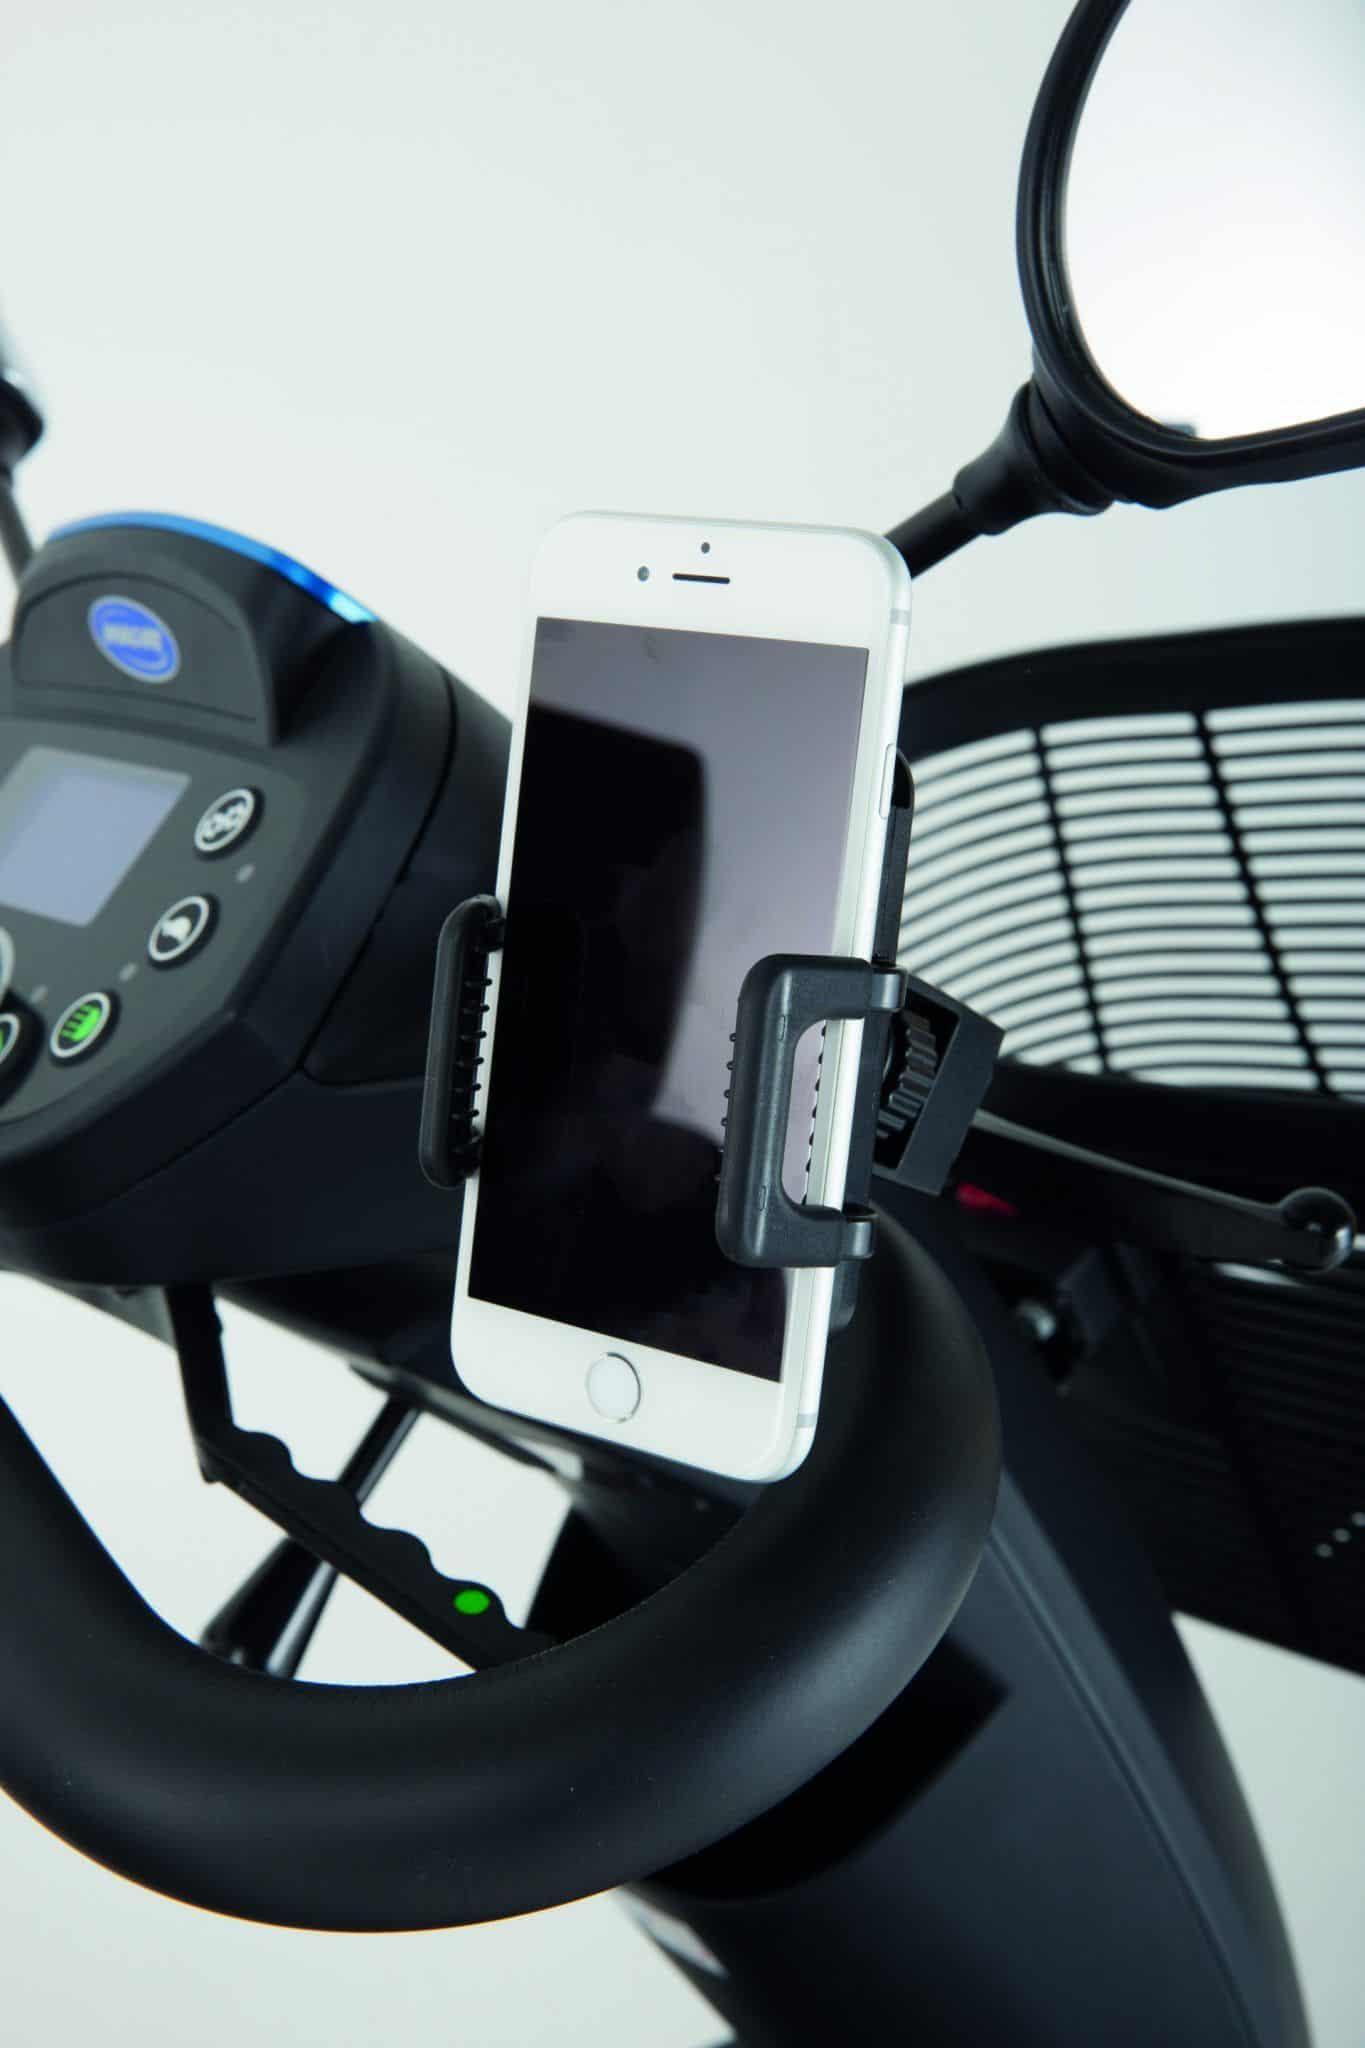 Soporte para movil viajerxs en silla de ruedas.